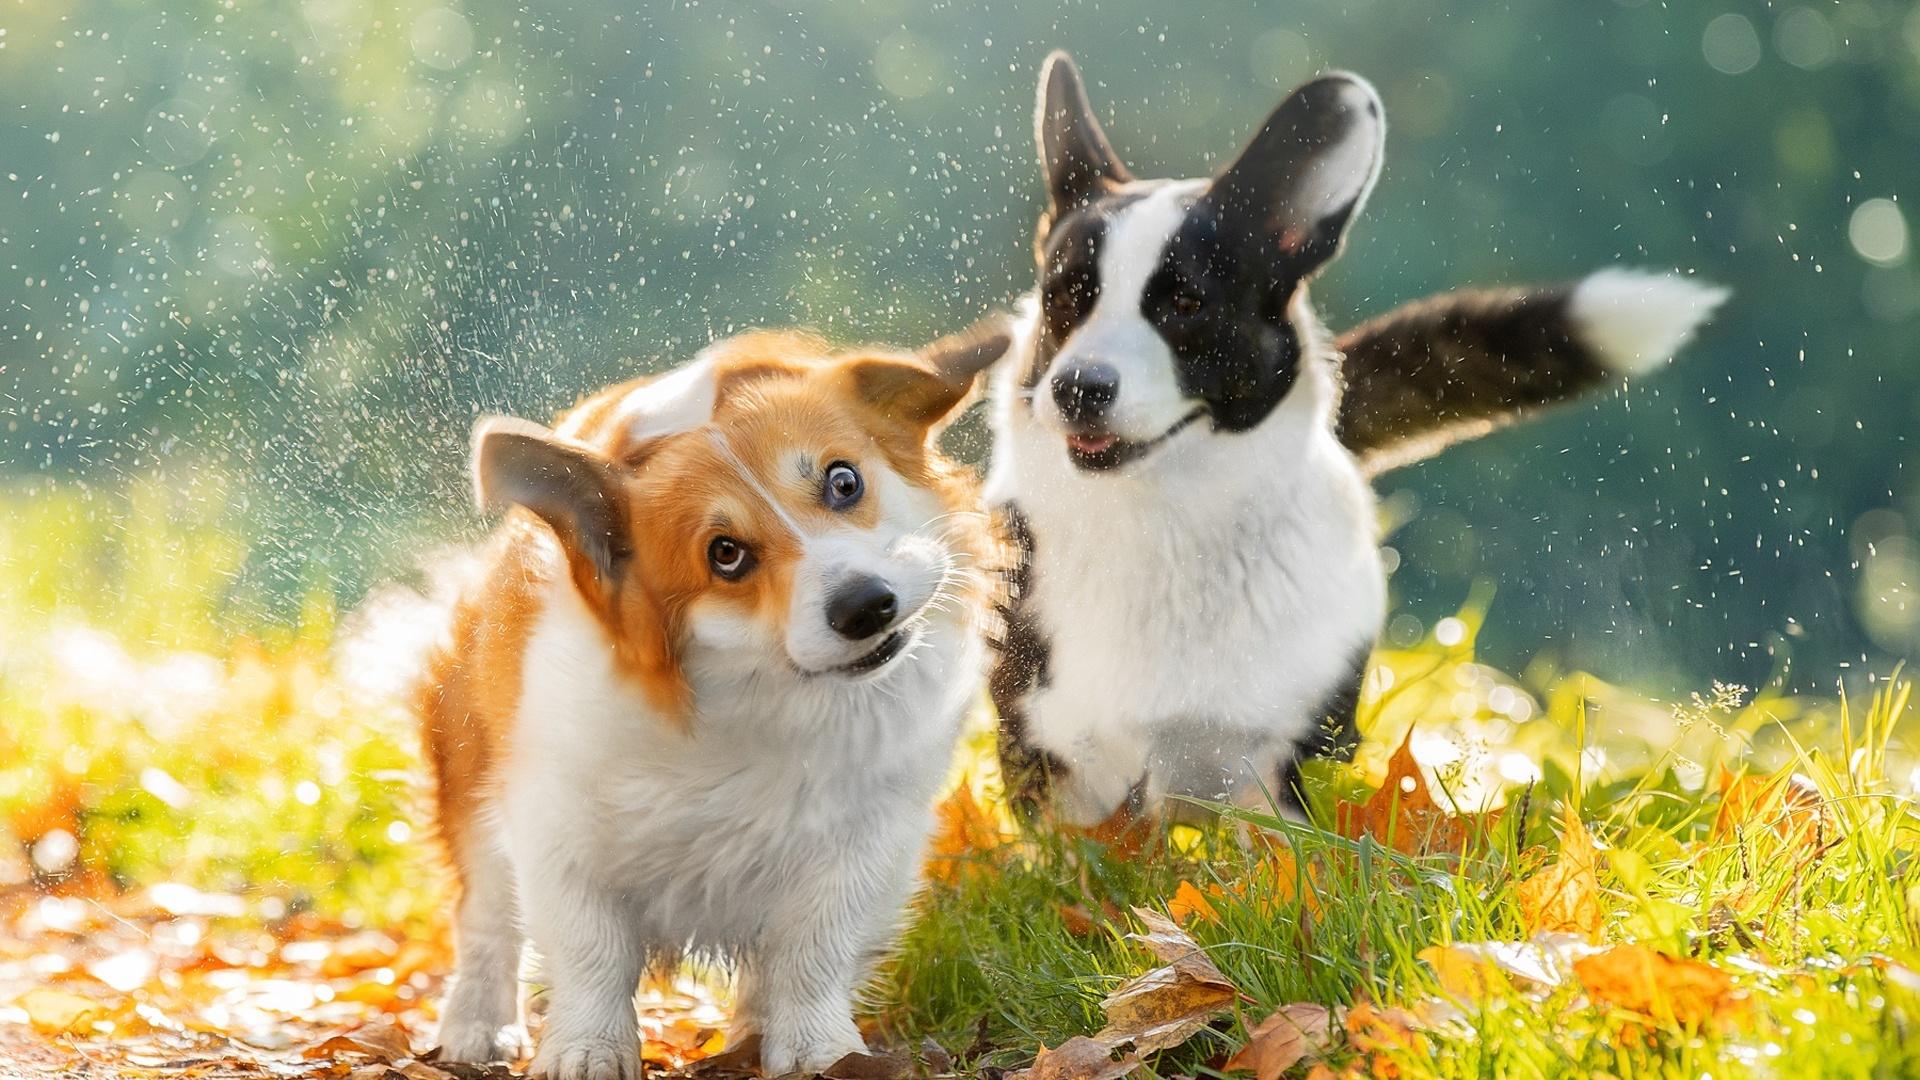 животные, собаки, парочка, природа, трава, осень, листья, боке